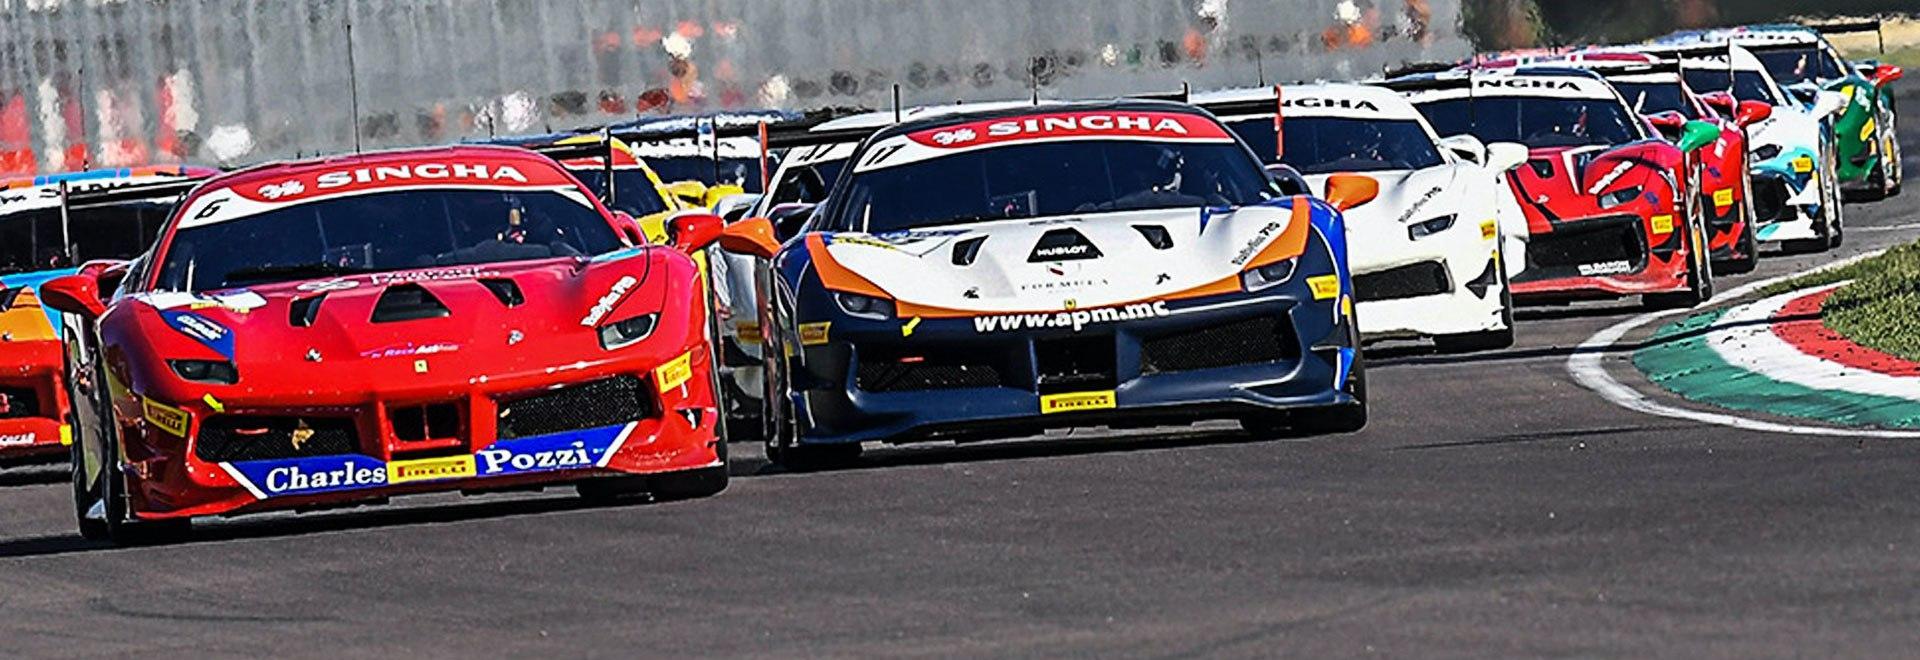 Coppa Shell Barcellona. Gara 1